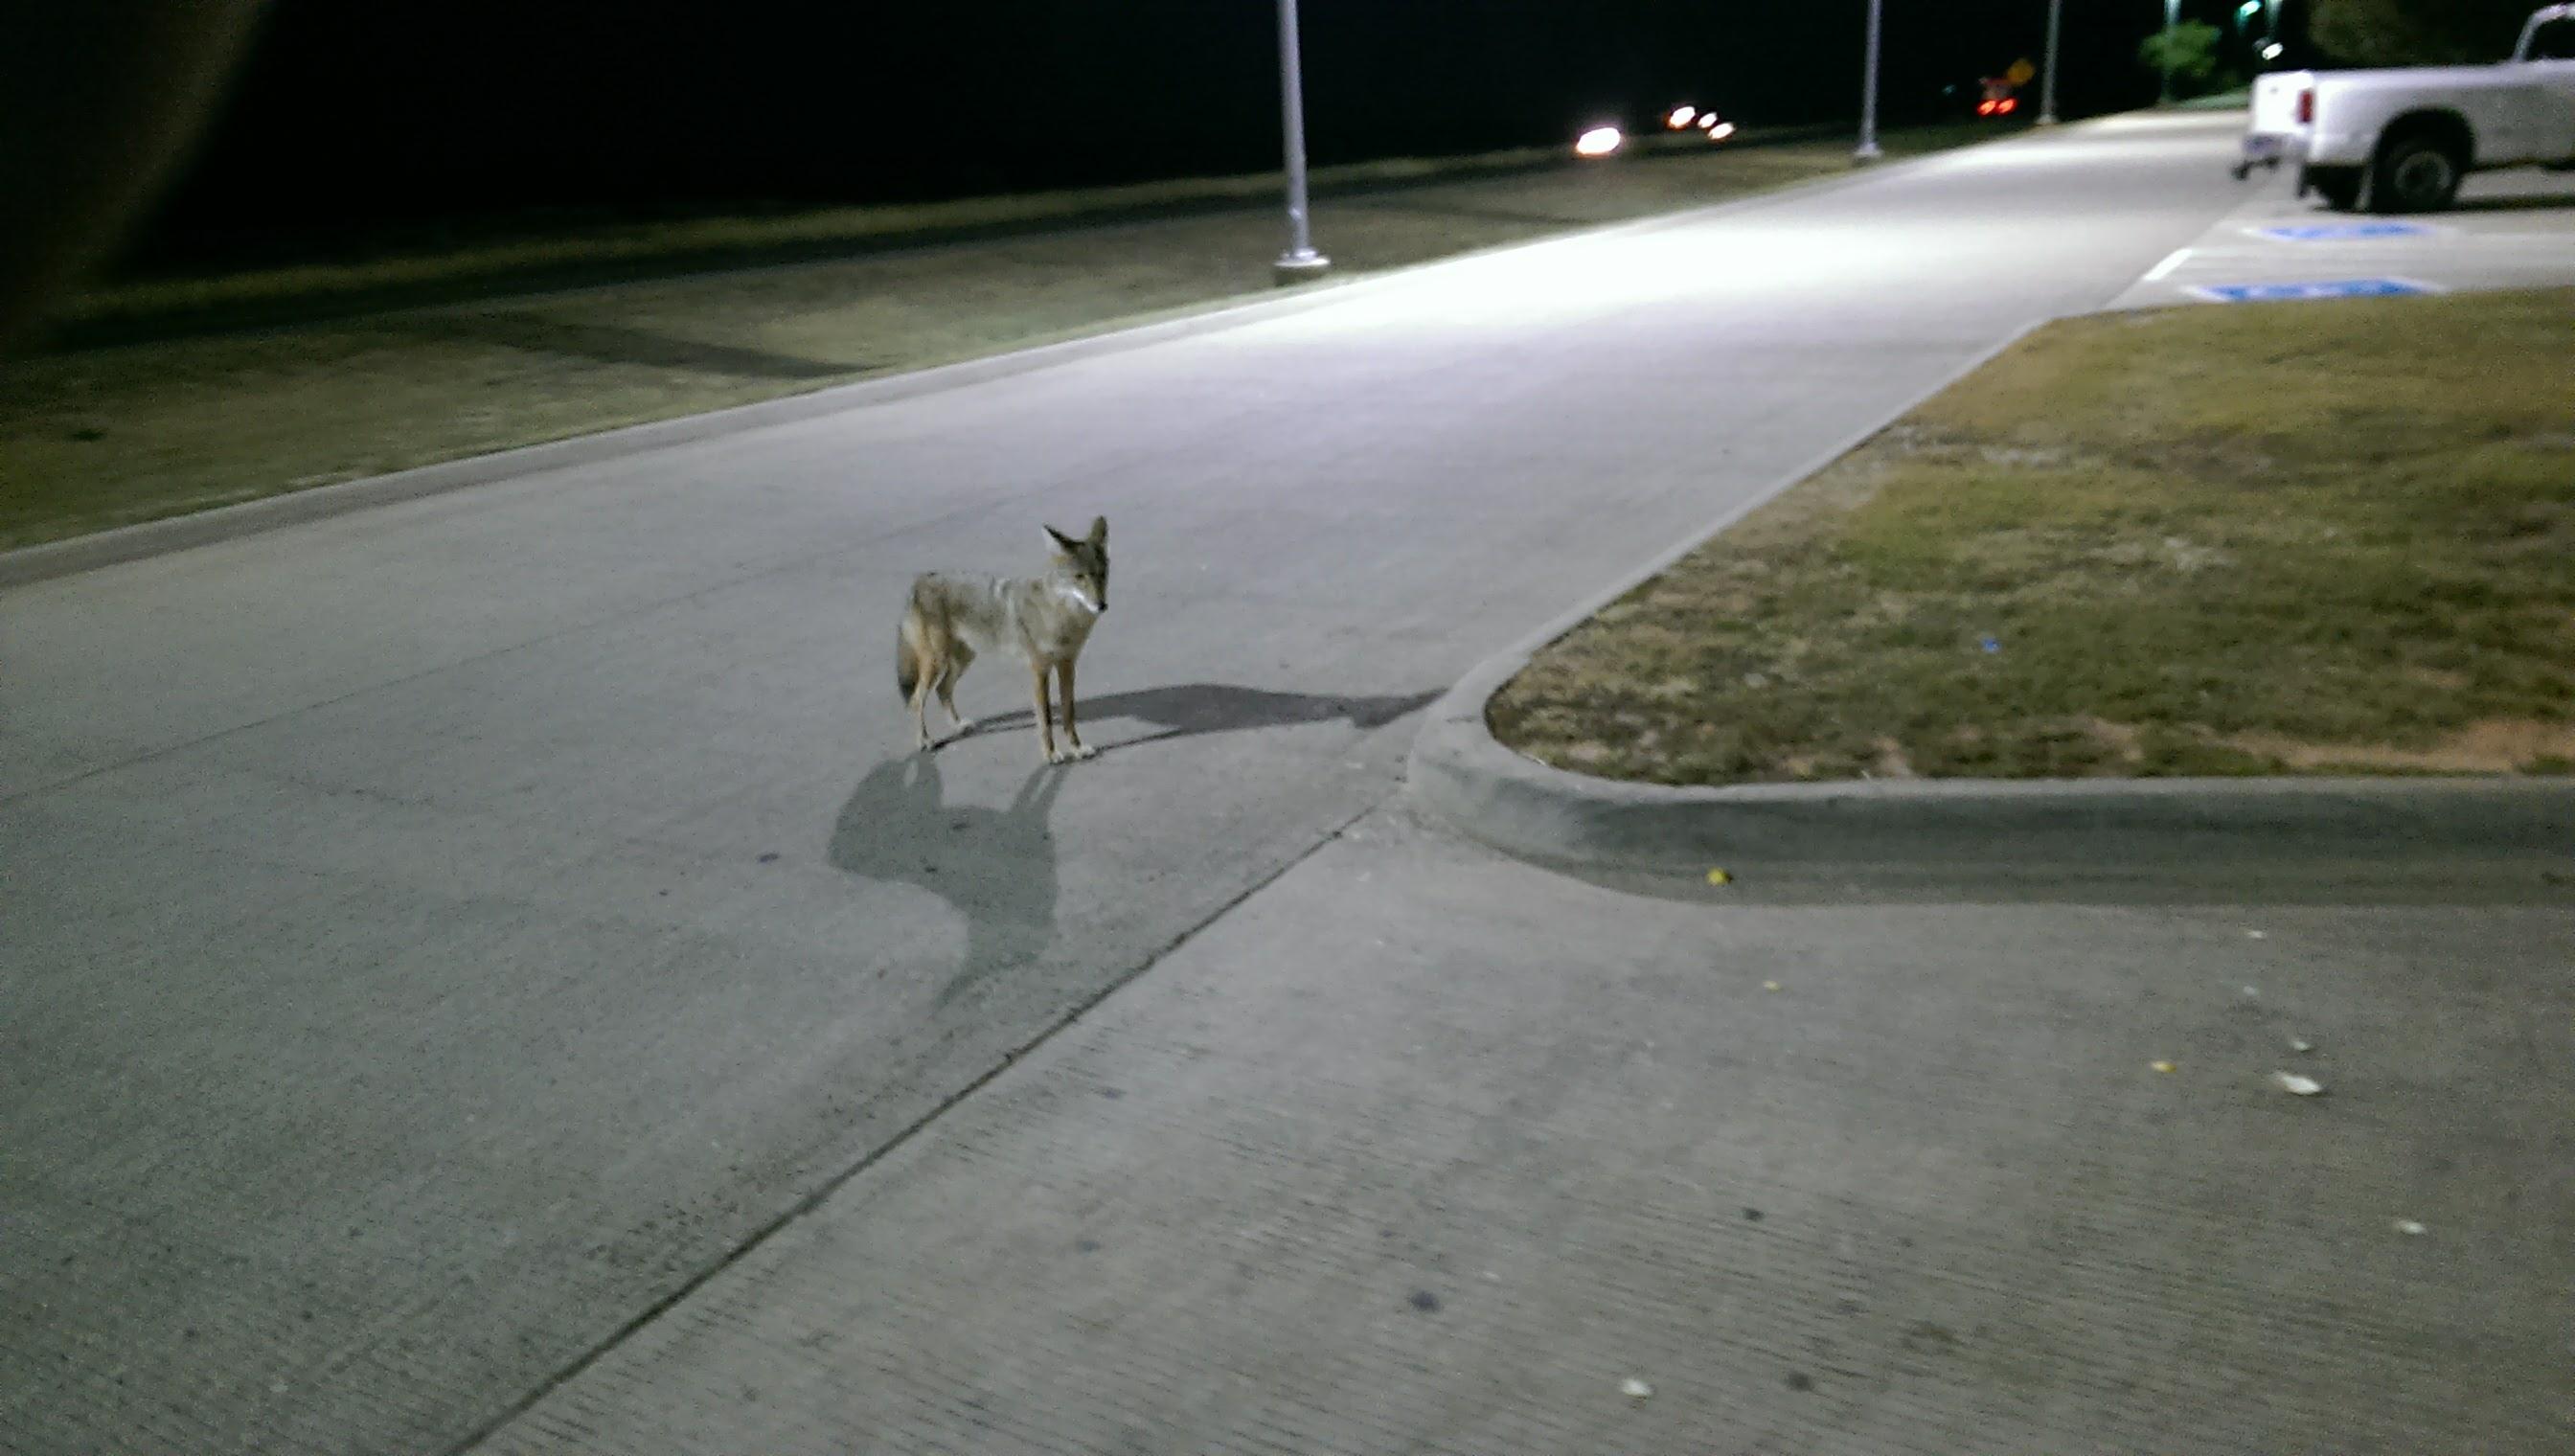 Coyote, have crossed the road-imag0210.jpg